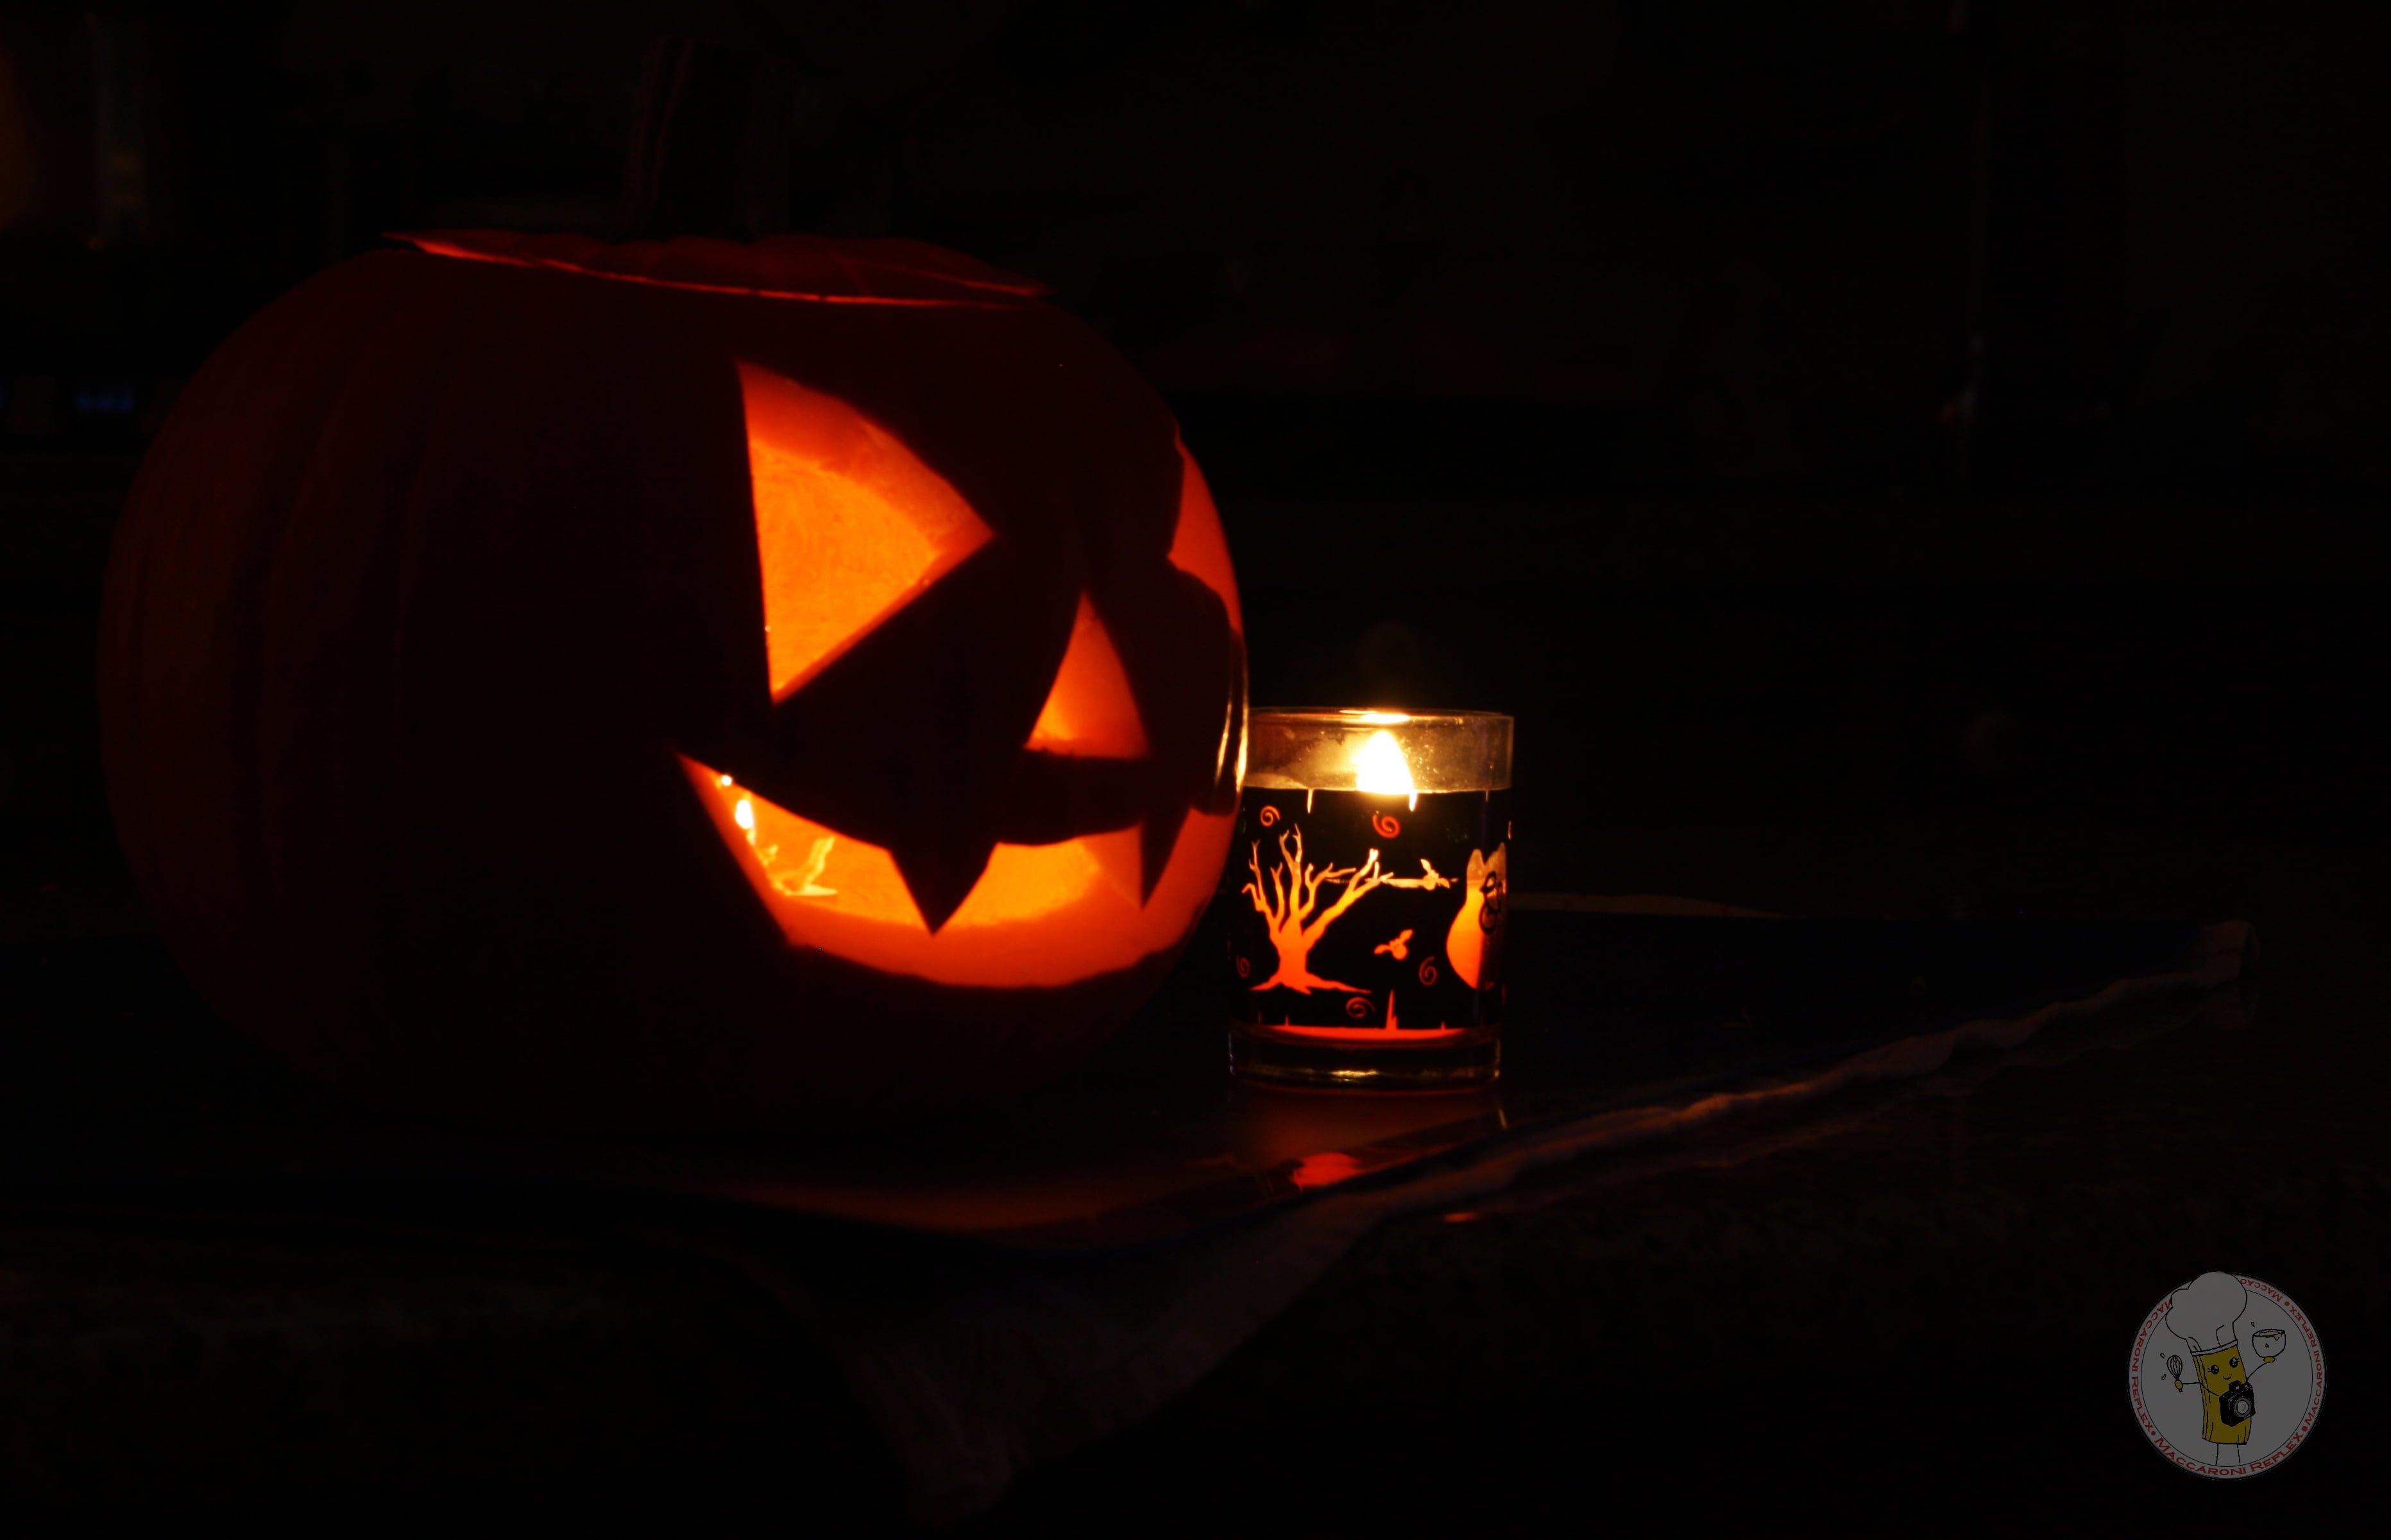 Intagliare Zucca Per Halloween Disegni intagliare una zucca di halloween - maccaroni reflex